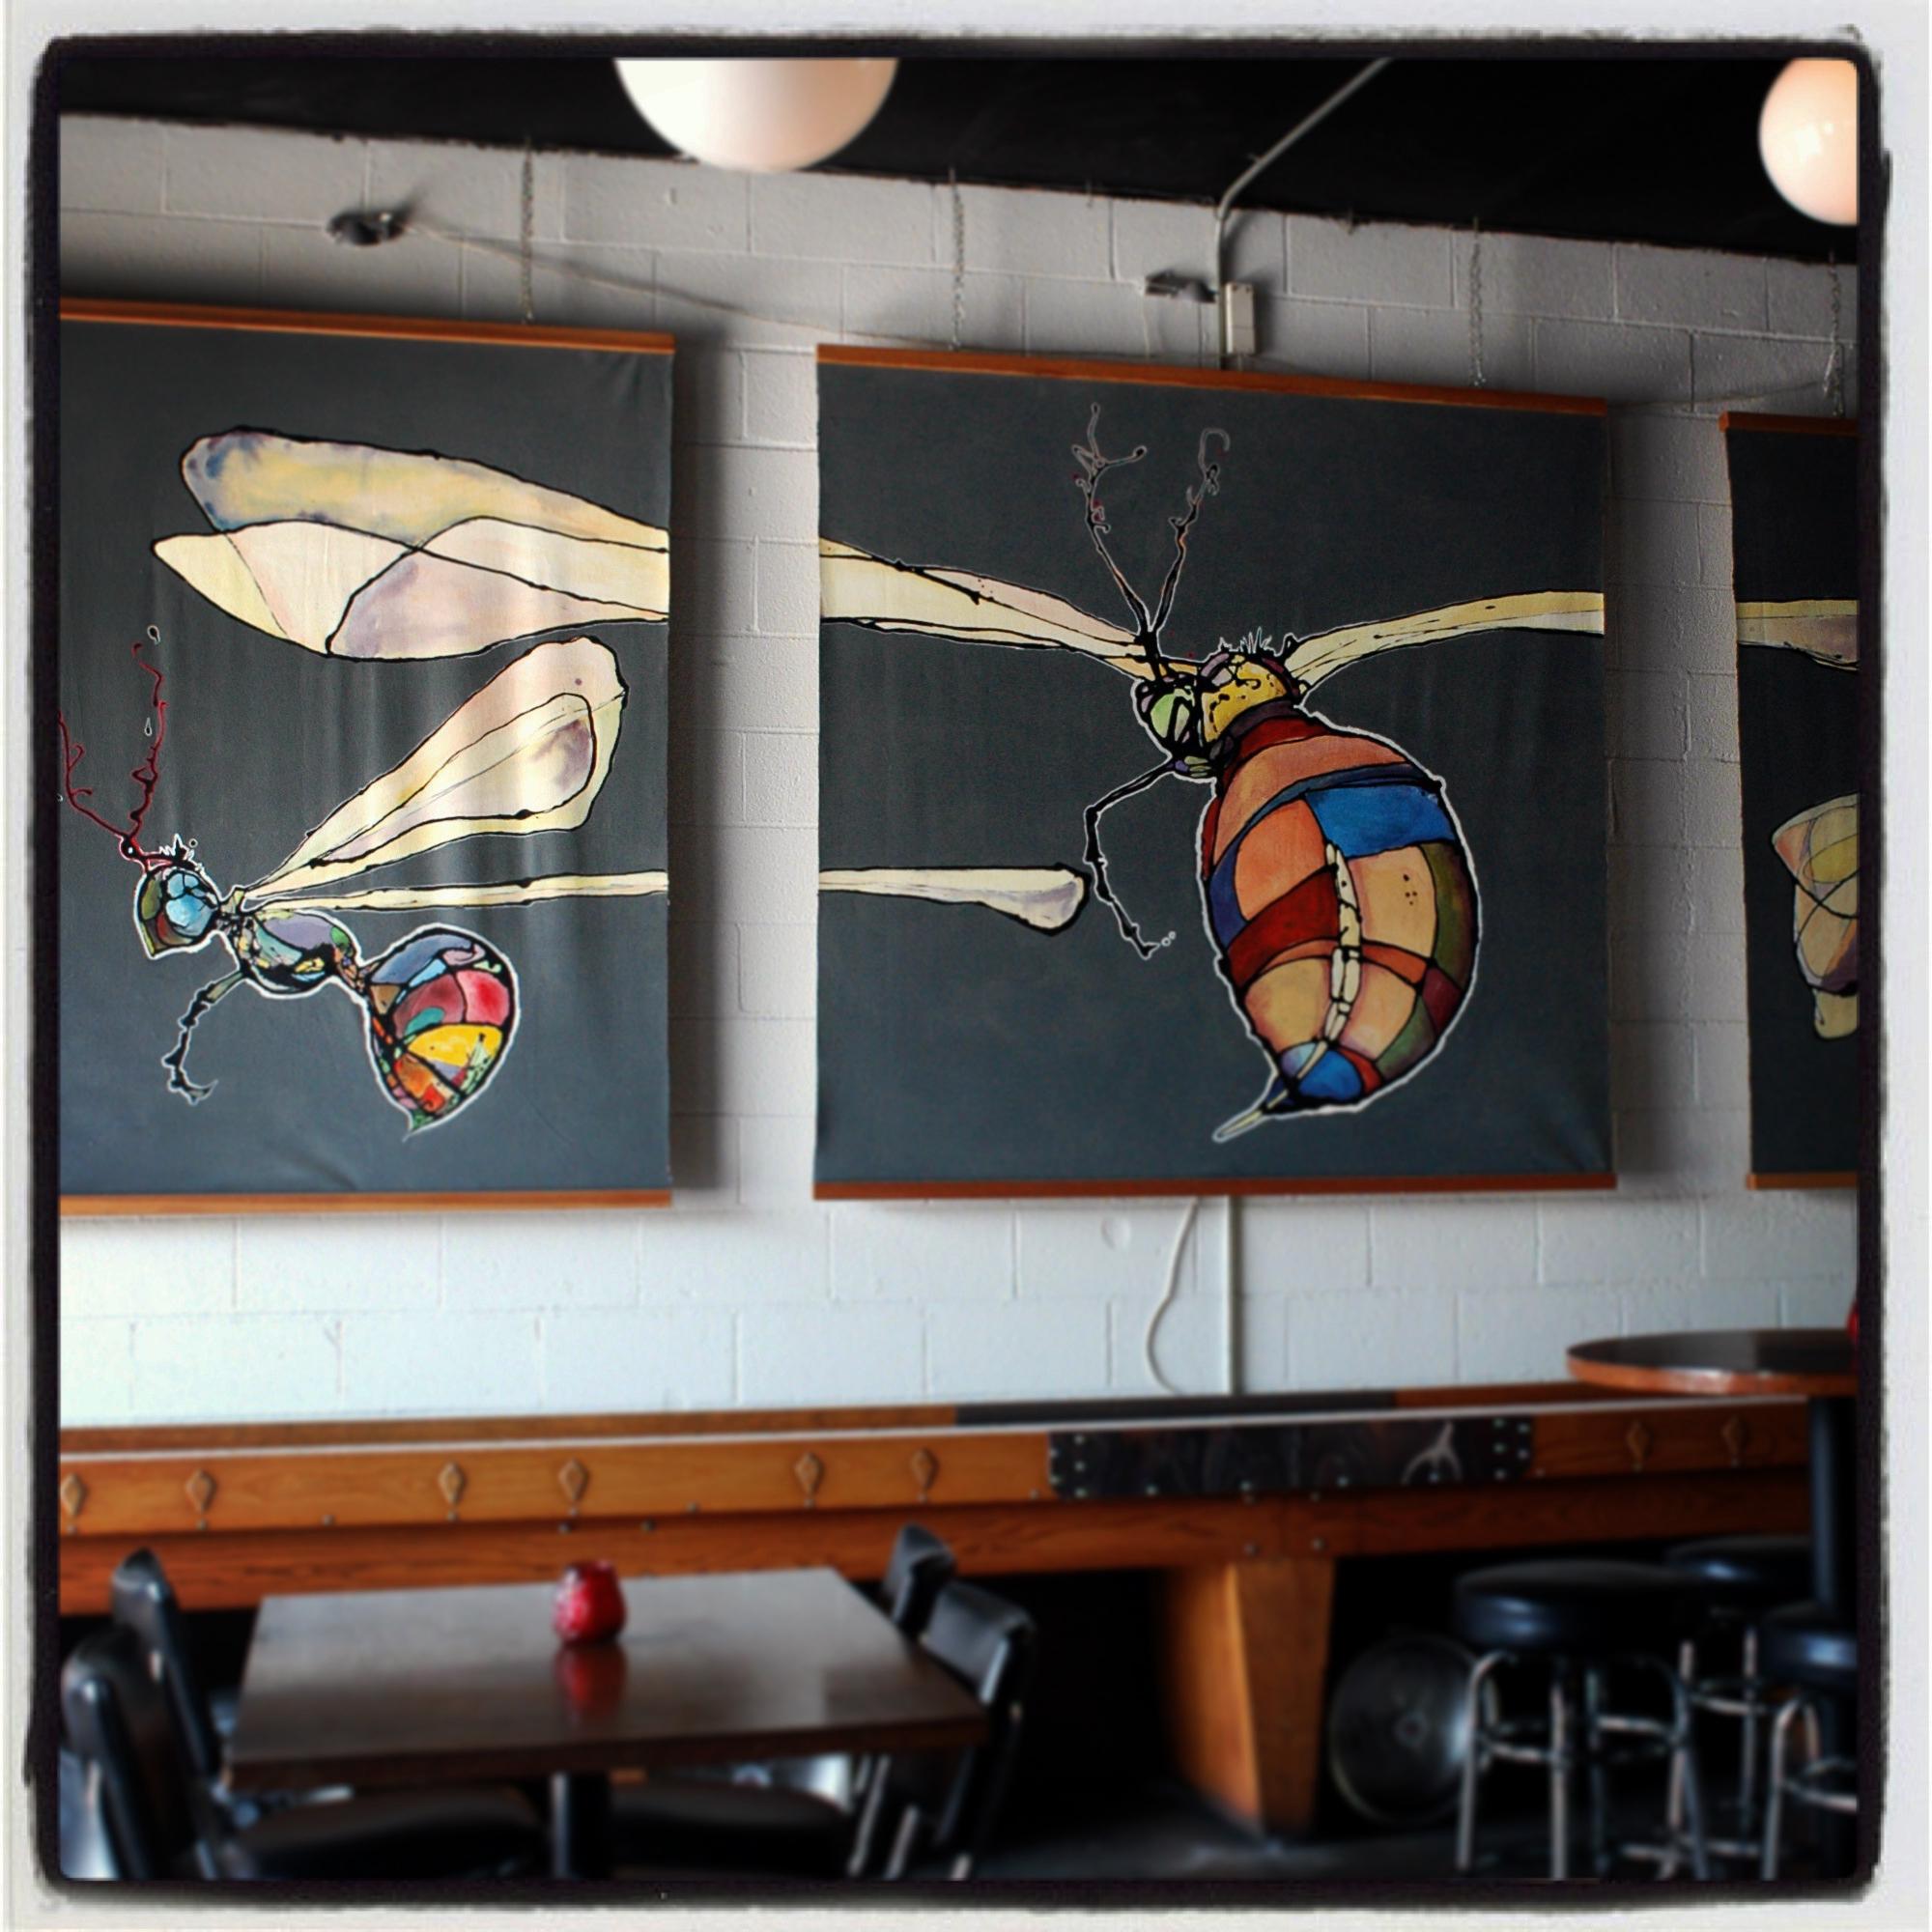 Location: Vendetta, Portland, 2006